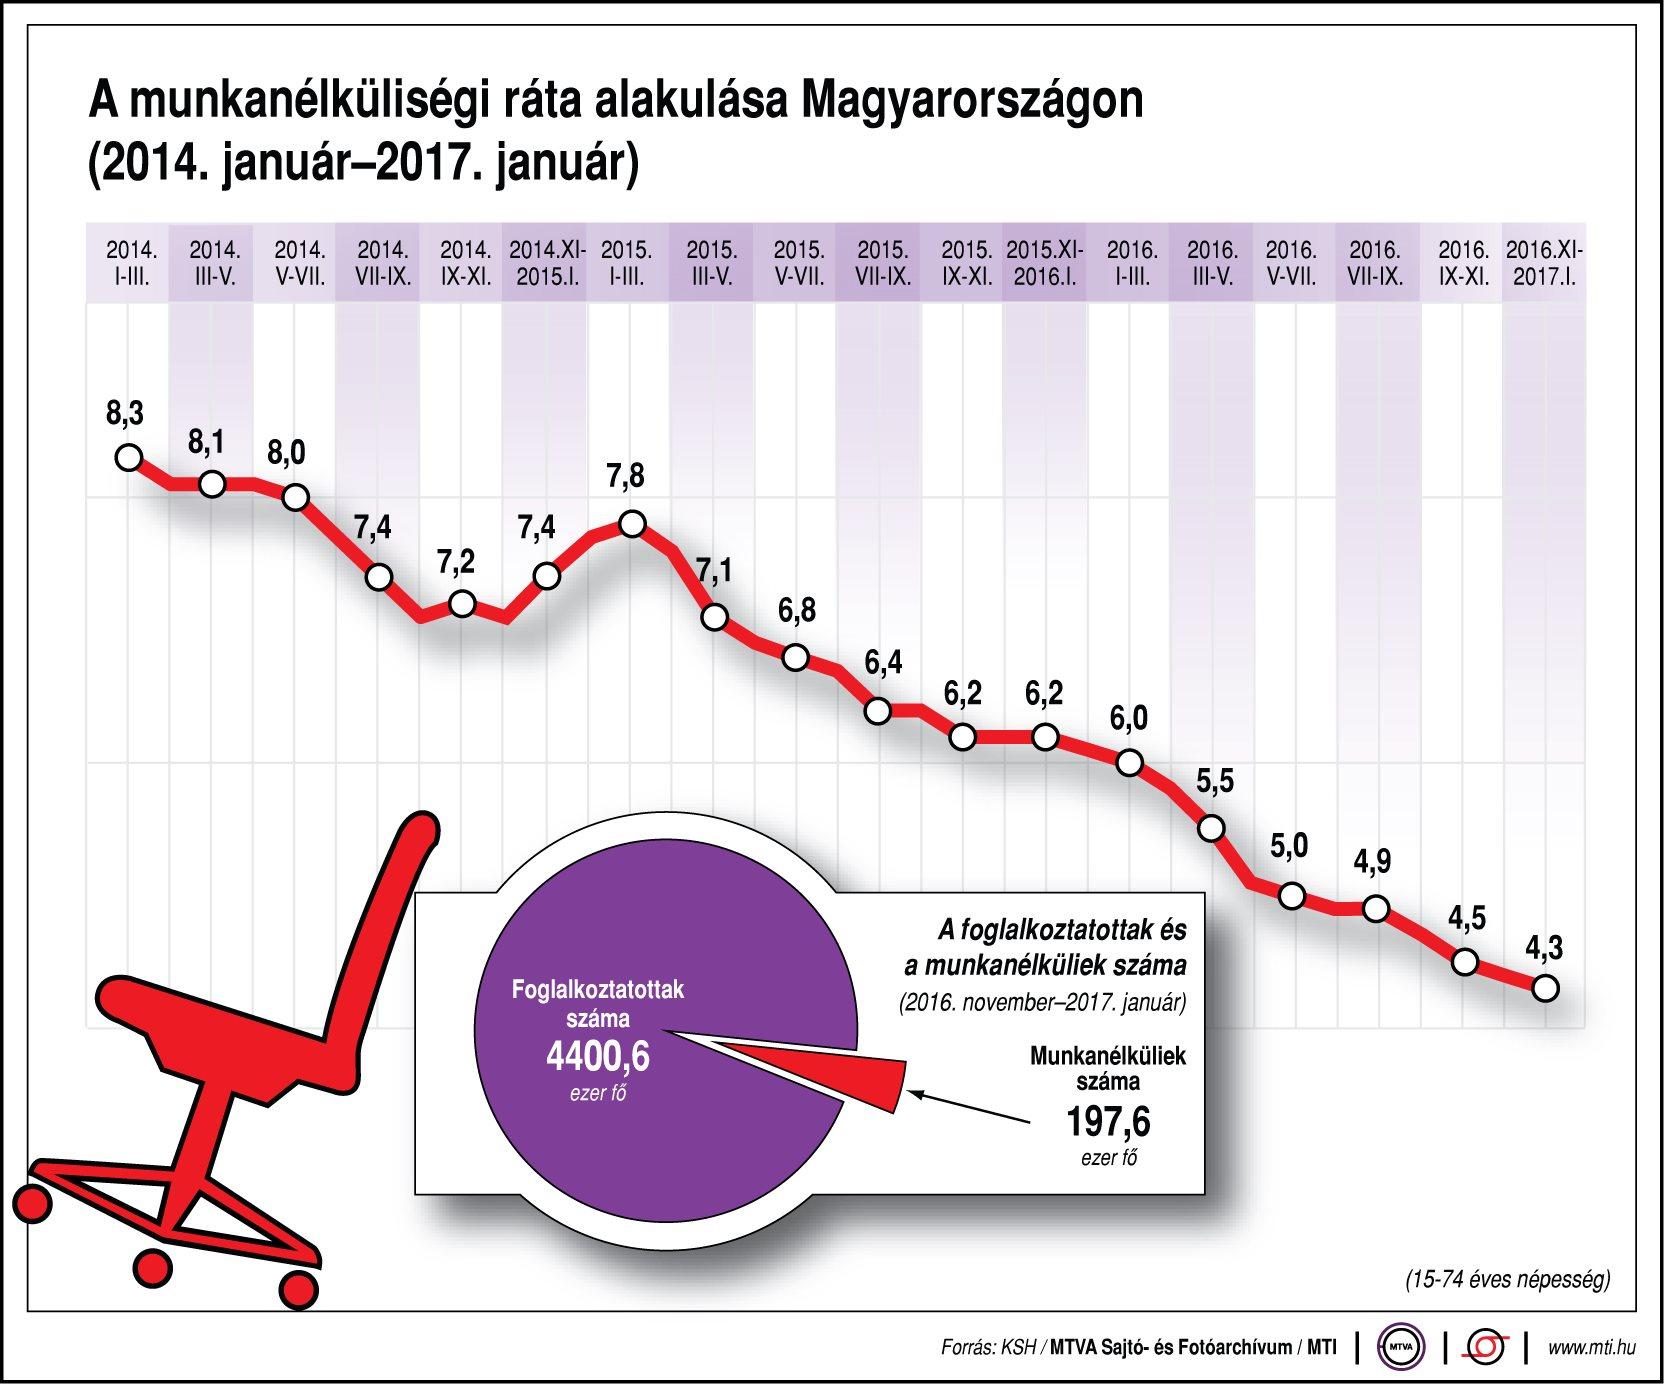 A munkanélküliségi ráta alakulása - egy ábrán